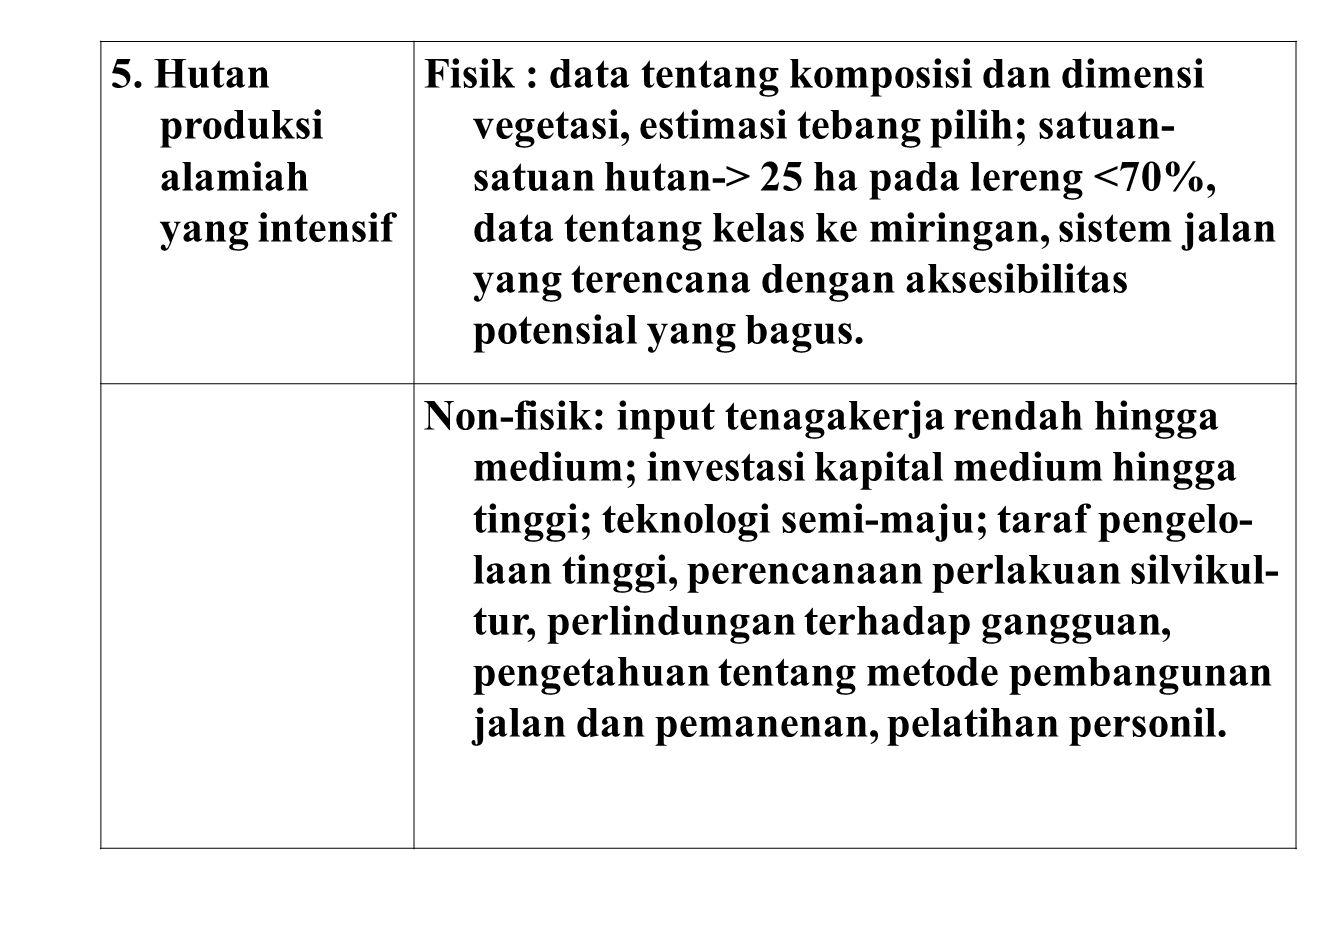 5. Hutan produksi alamiah yang intensif Fisik : data tentang komposisi dan dimensi vegetasi, estimasi tebang pilih; satuan- satuan hutan-> 25 ha pada